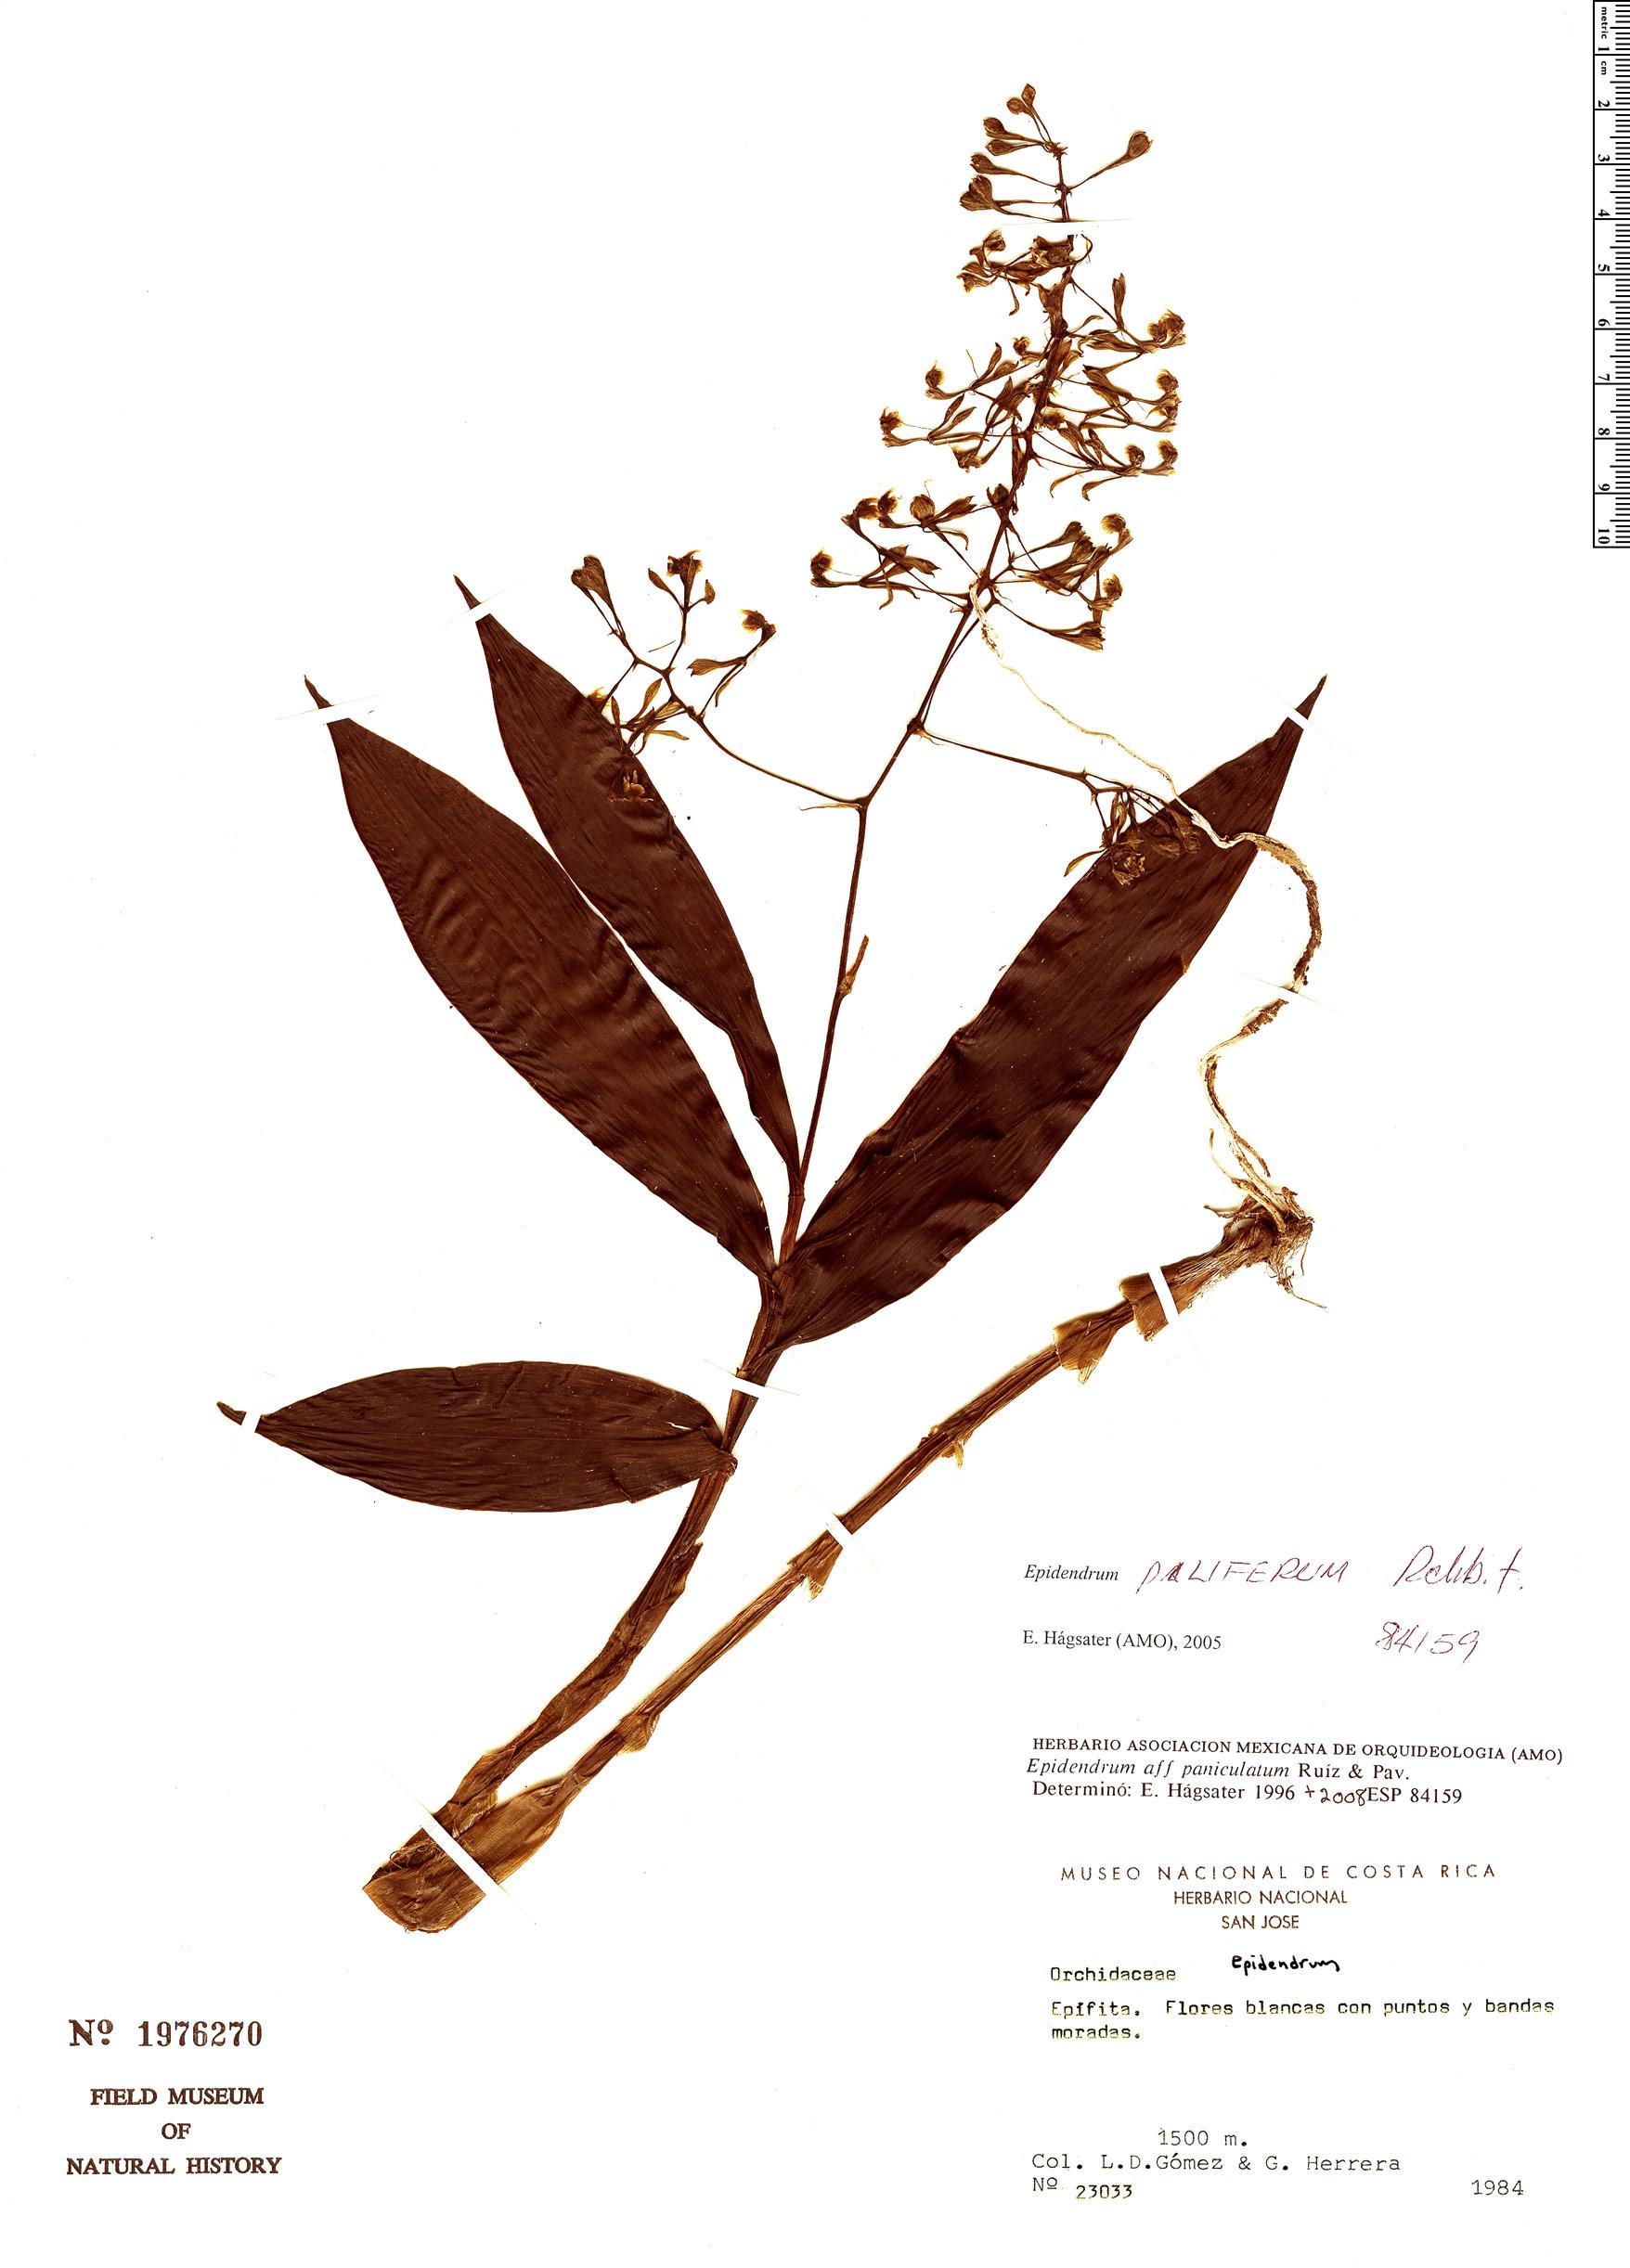 Specimen: Epidendrum piliferum